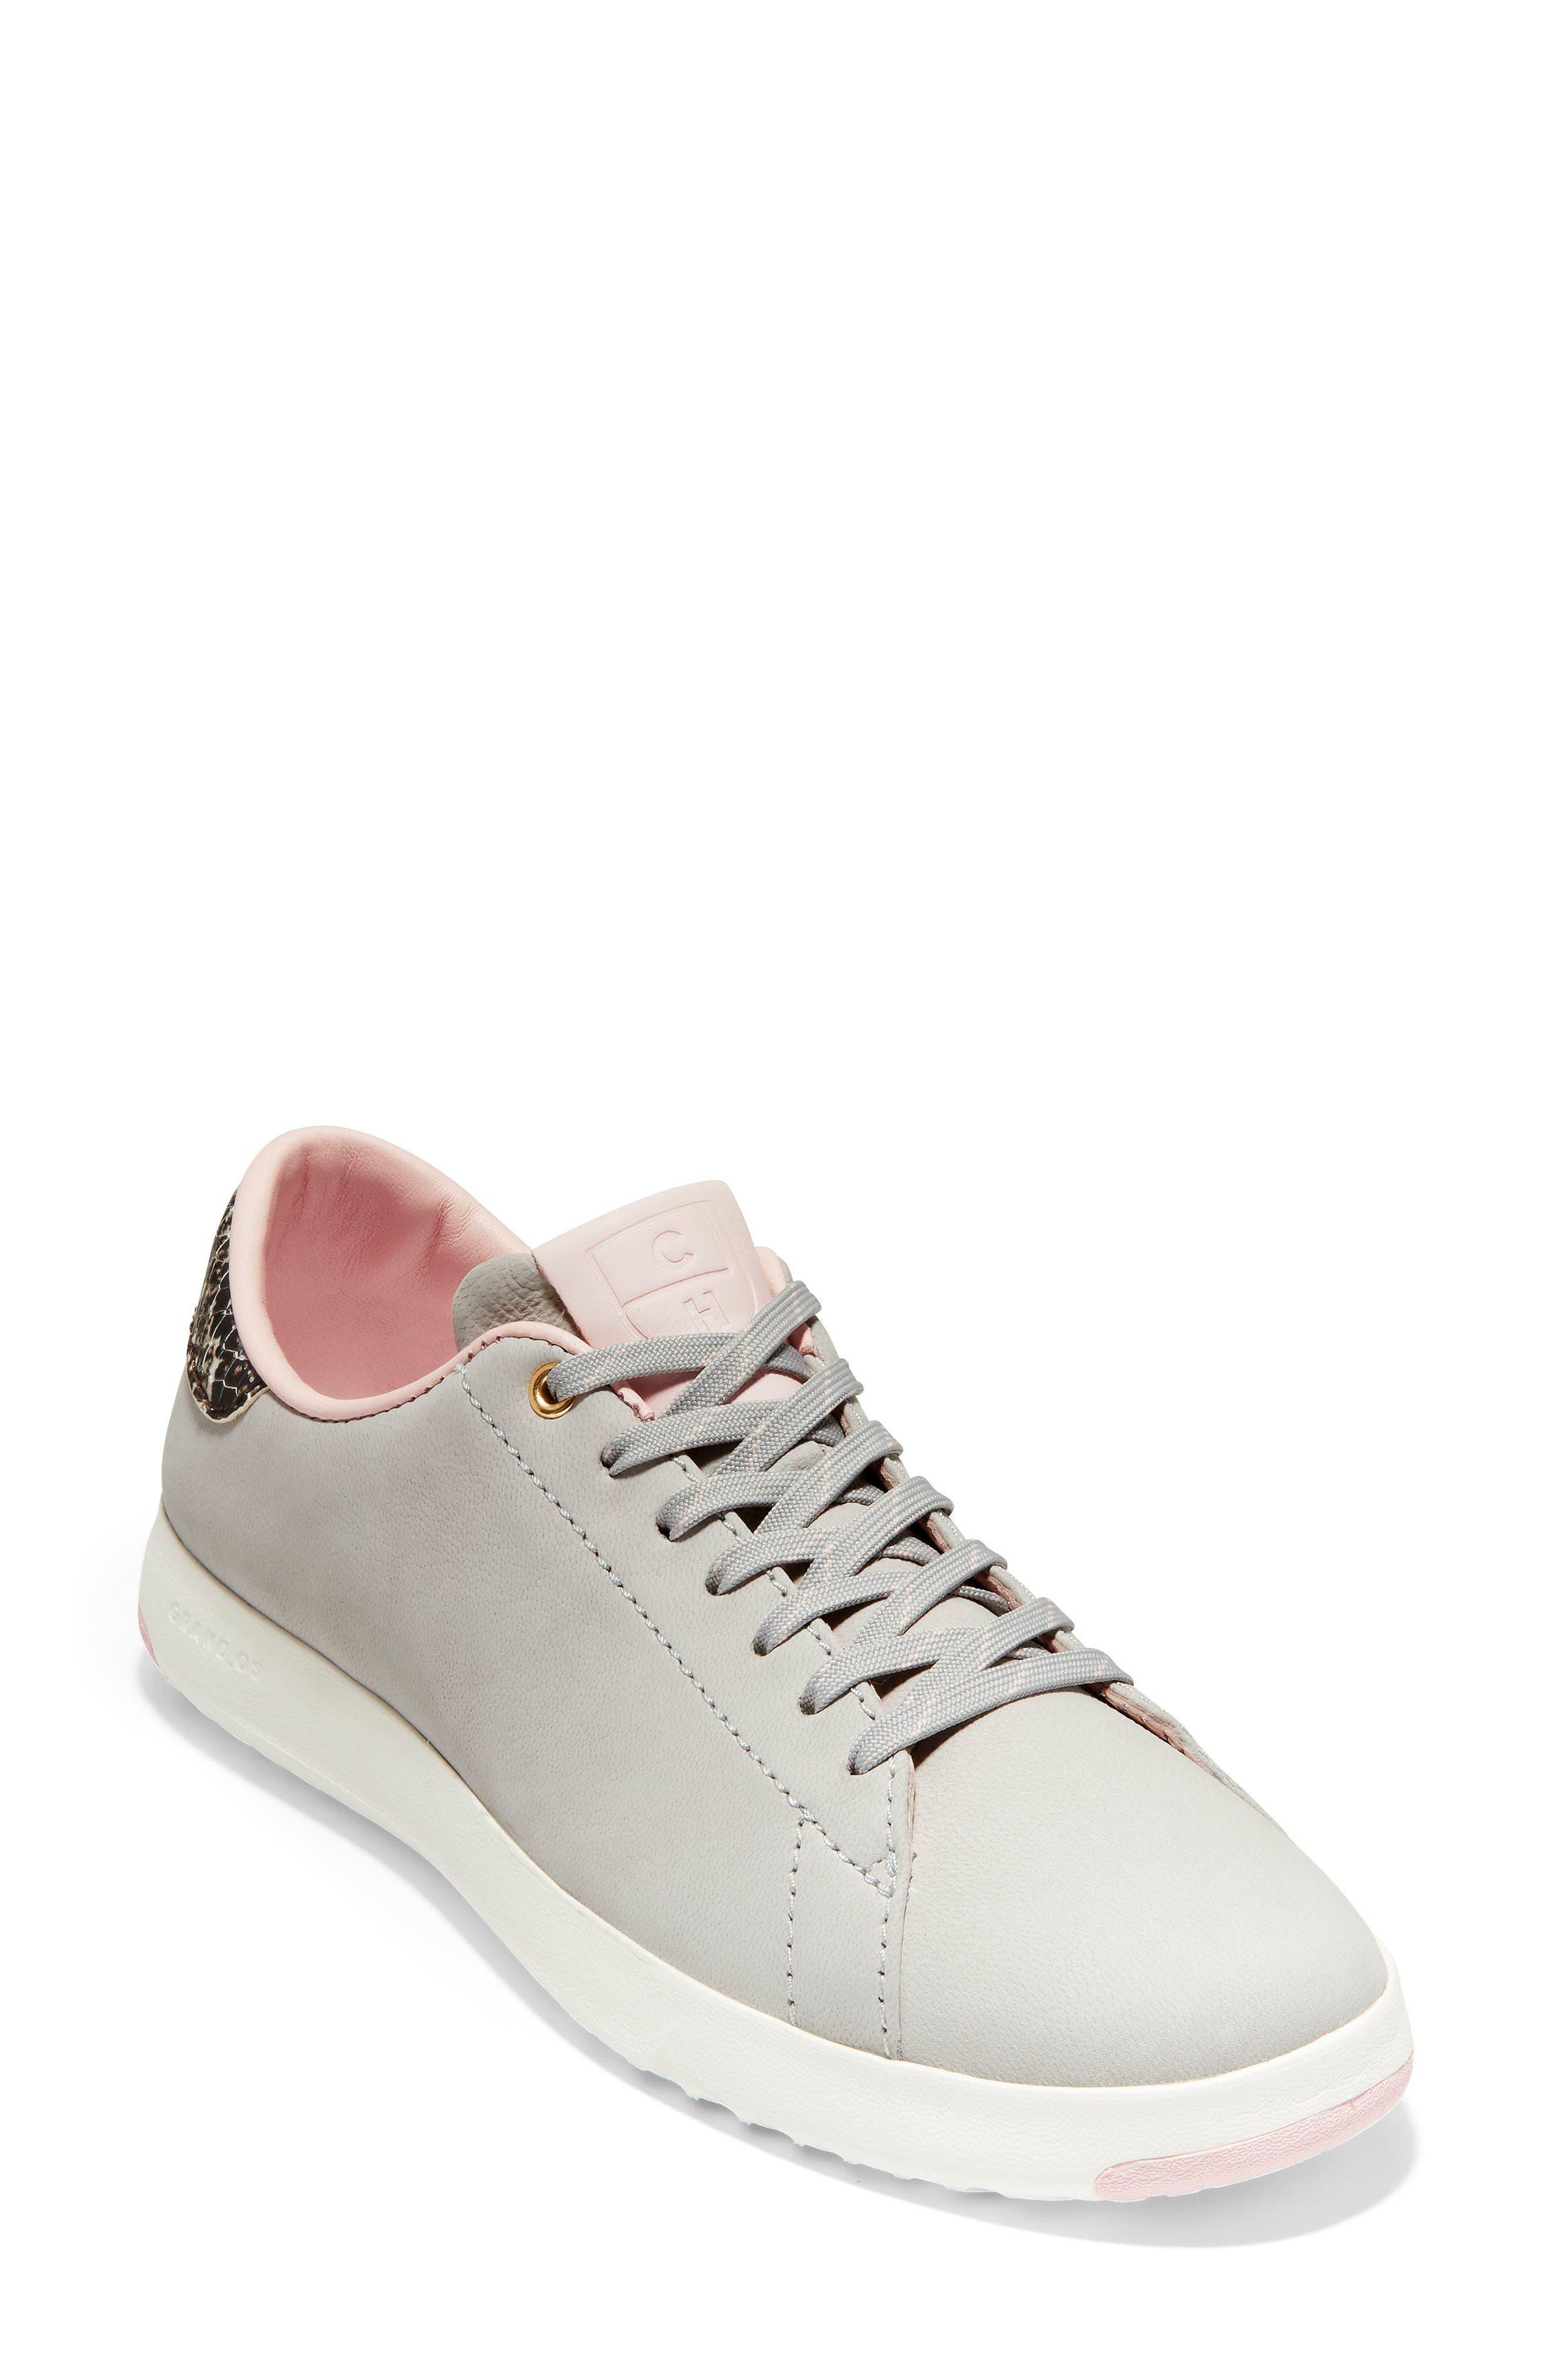 GrandPro Tennis Shoe,                         Main,                         color, Vapor Grey Nubuck